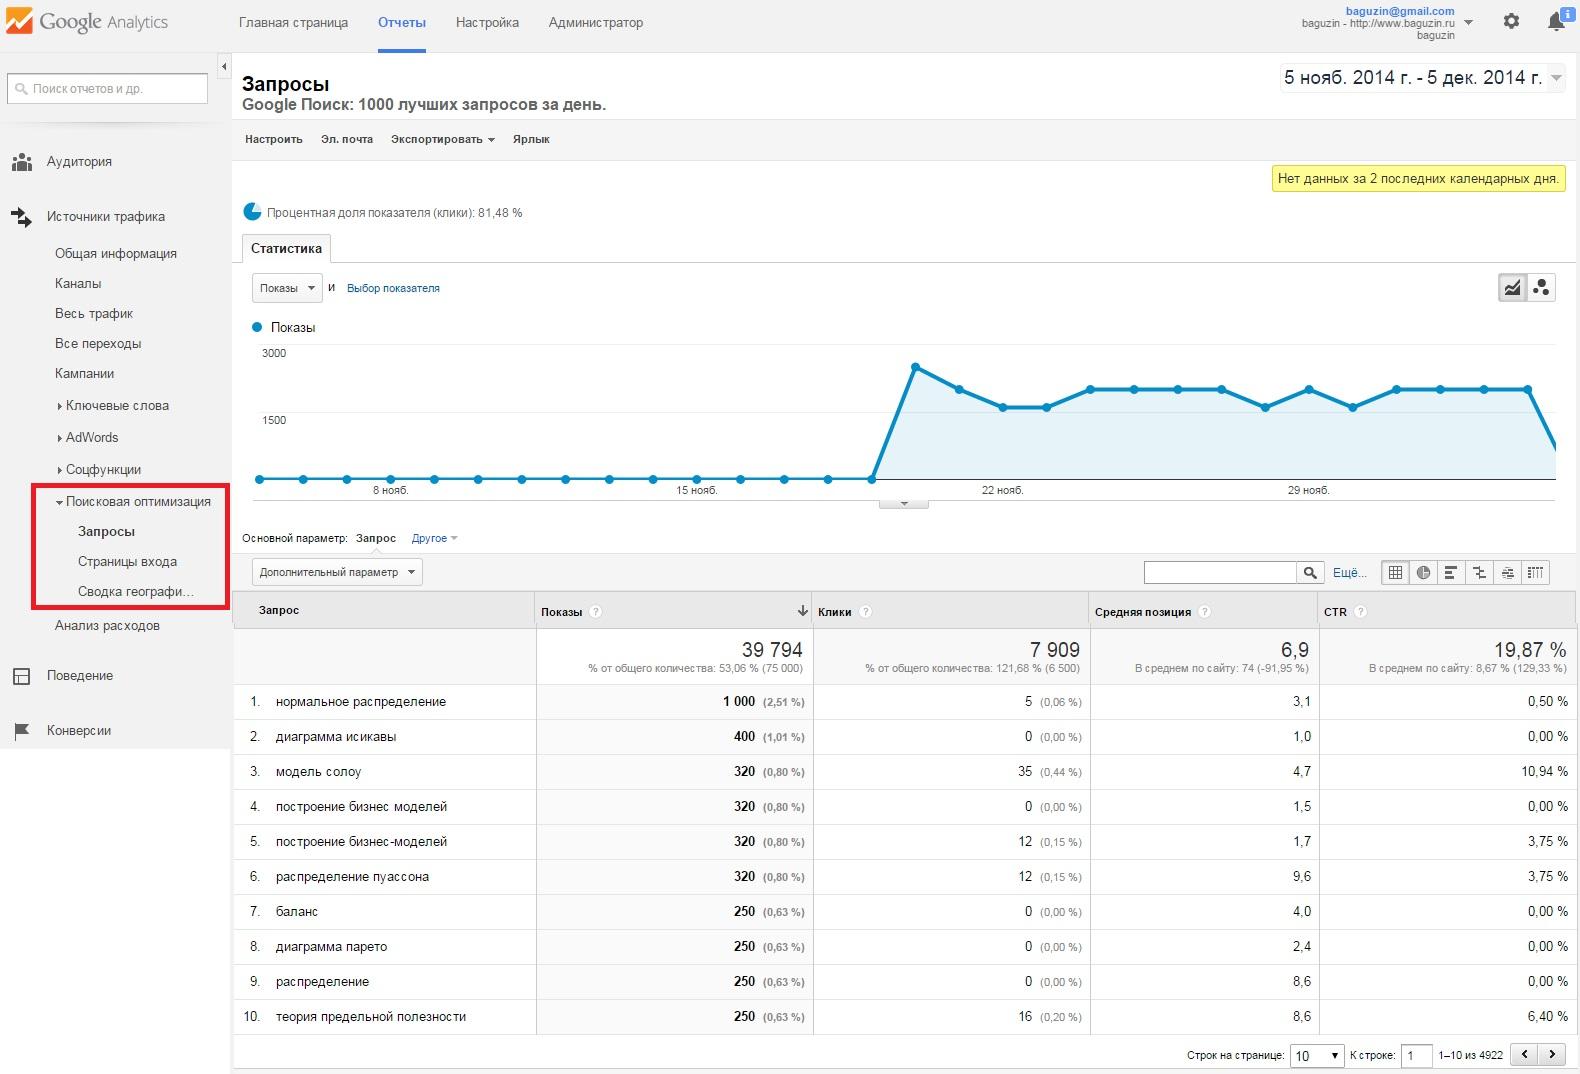 Рис. 6.7. Отчеты Поисковая оптимизация после интеграции с Webmaster Tools